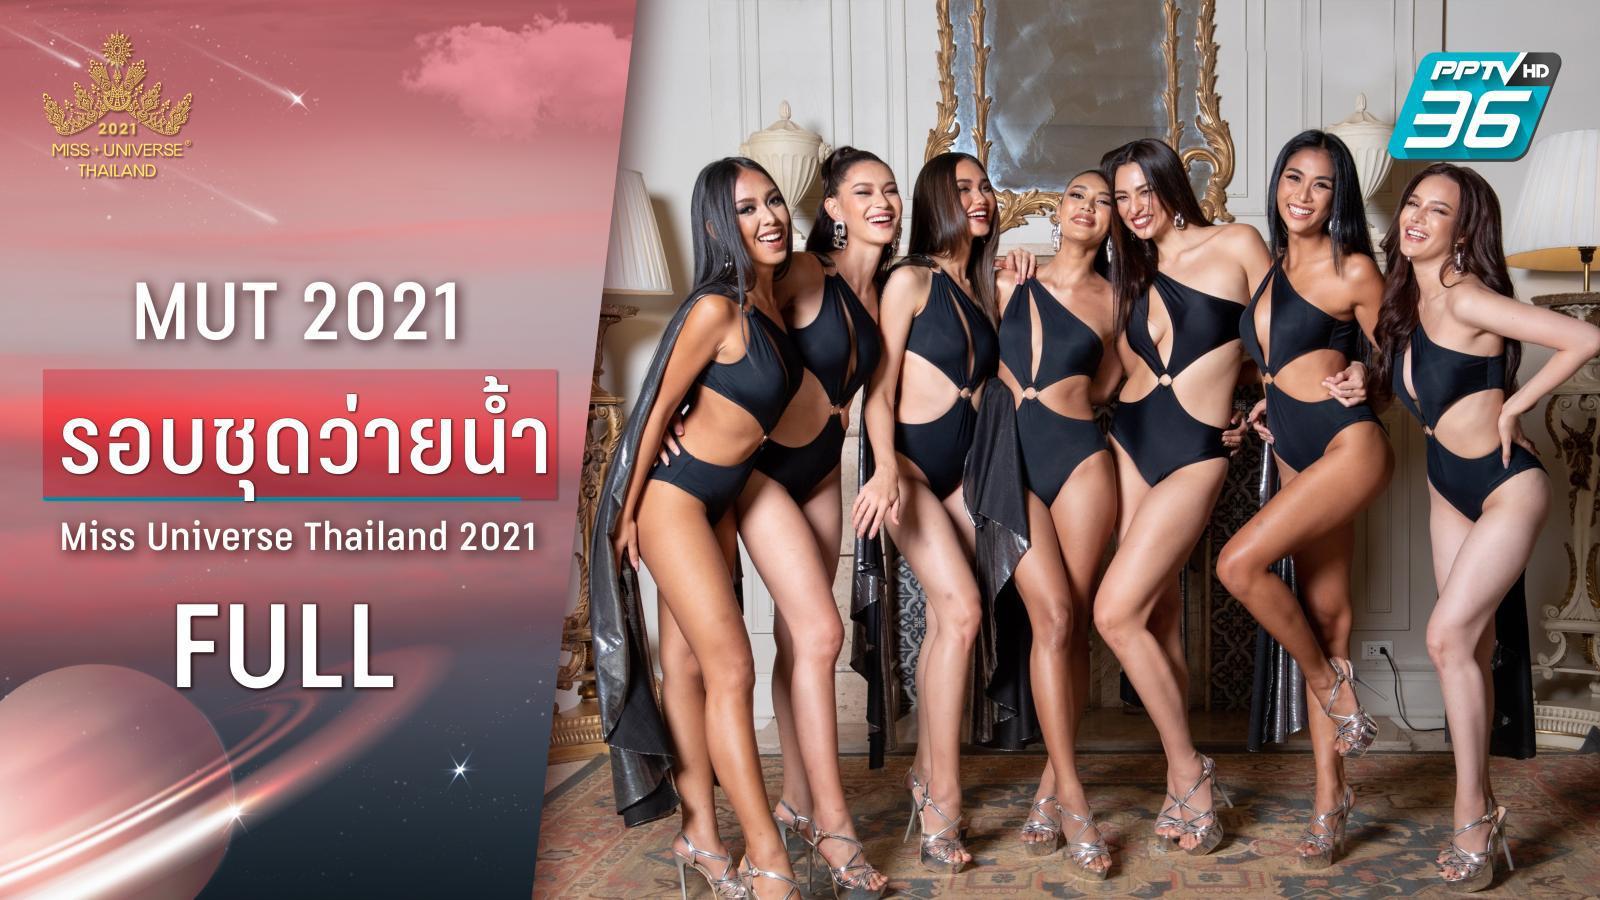 การประกวด MISS UNIVERSE THAILAND 2021 | รอบชุดว่ายน้ำ (Best Swimsuit Competition)